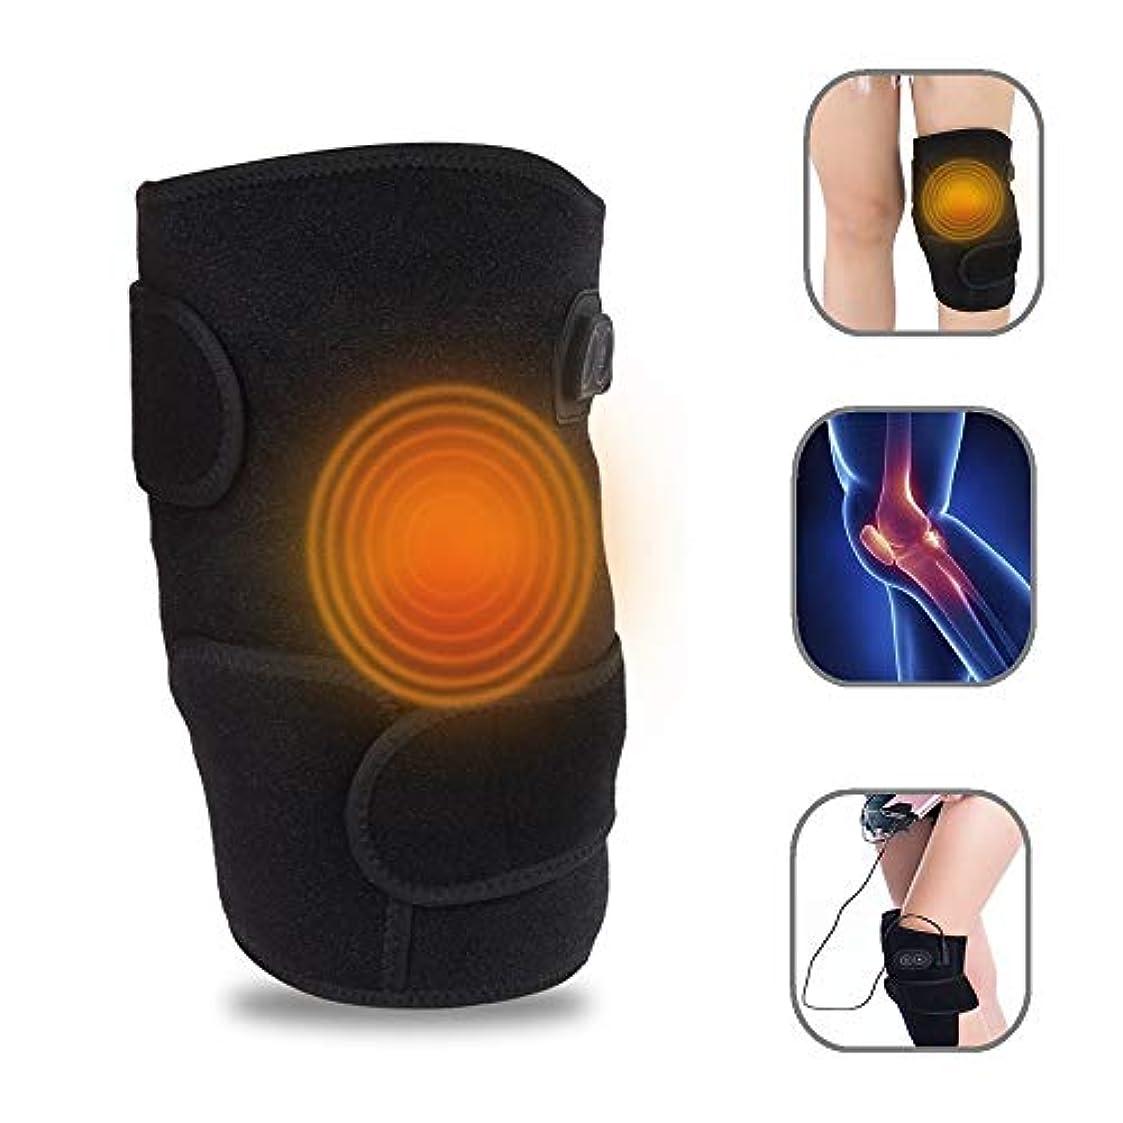 ベッドを作る必要ライフルマッサージ 膝の理学療法装置、膝の振動、膝の痛みを和らげる 電熱療法、 冬の暖かさ リウマチ